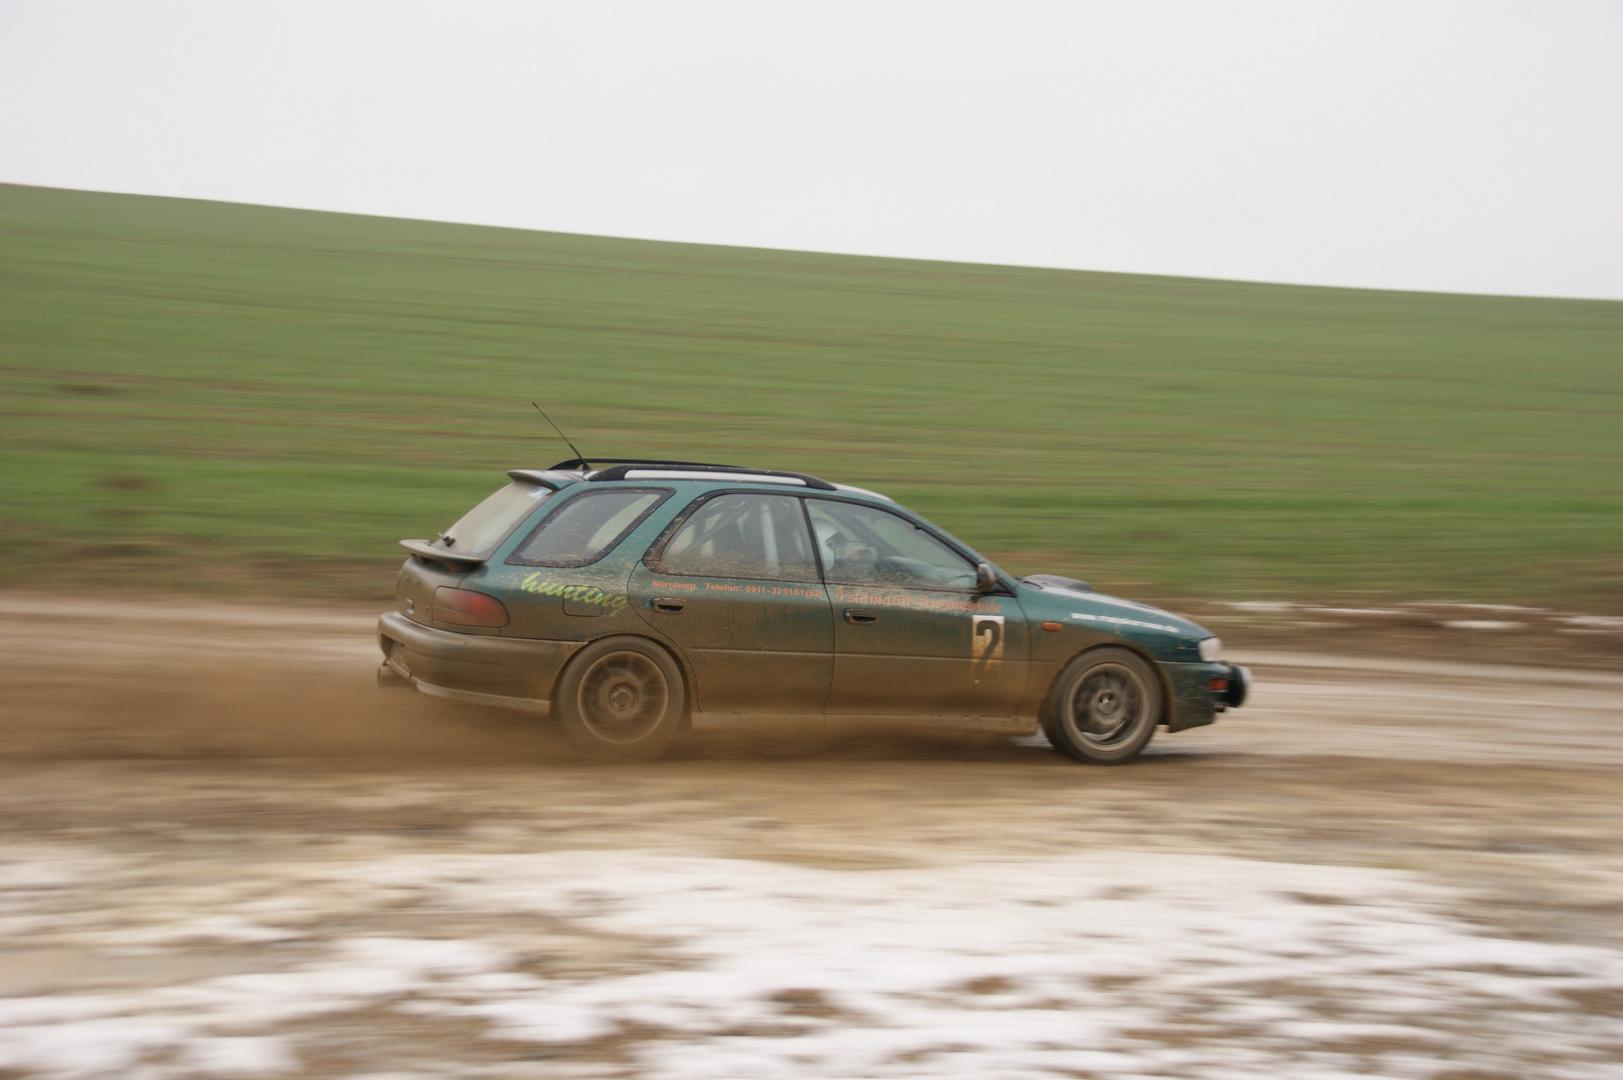 Rallye-Action